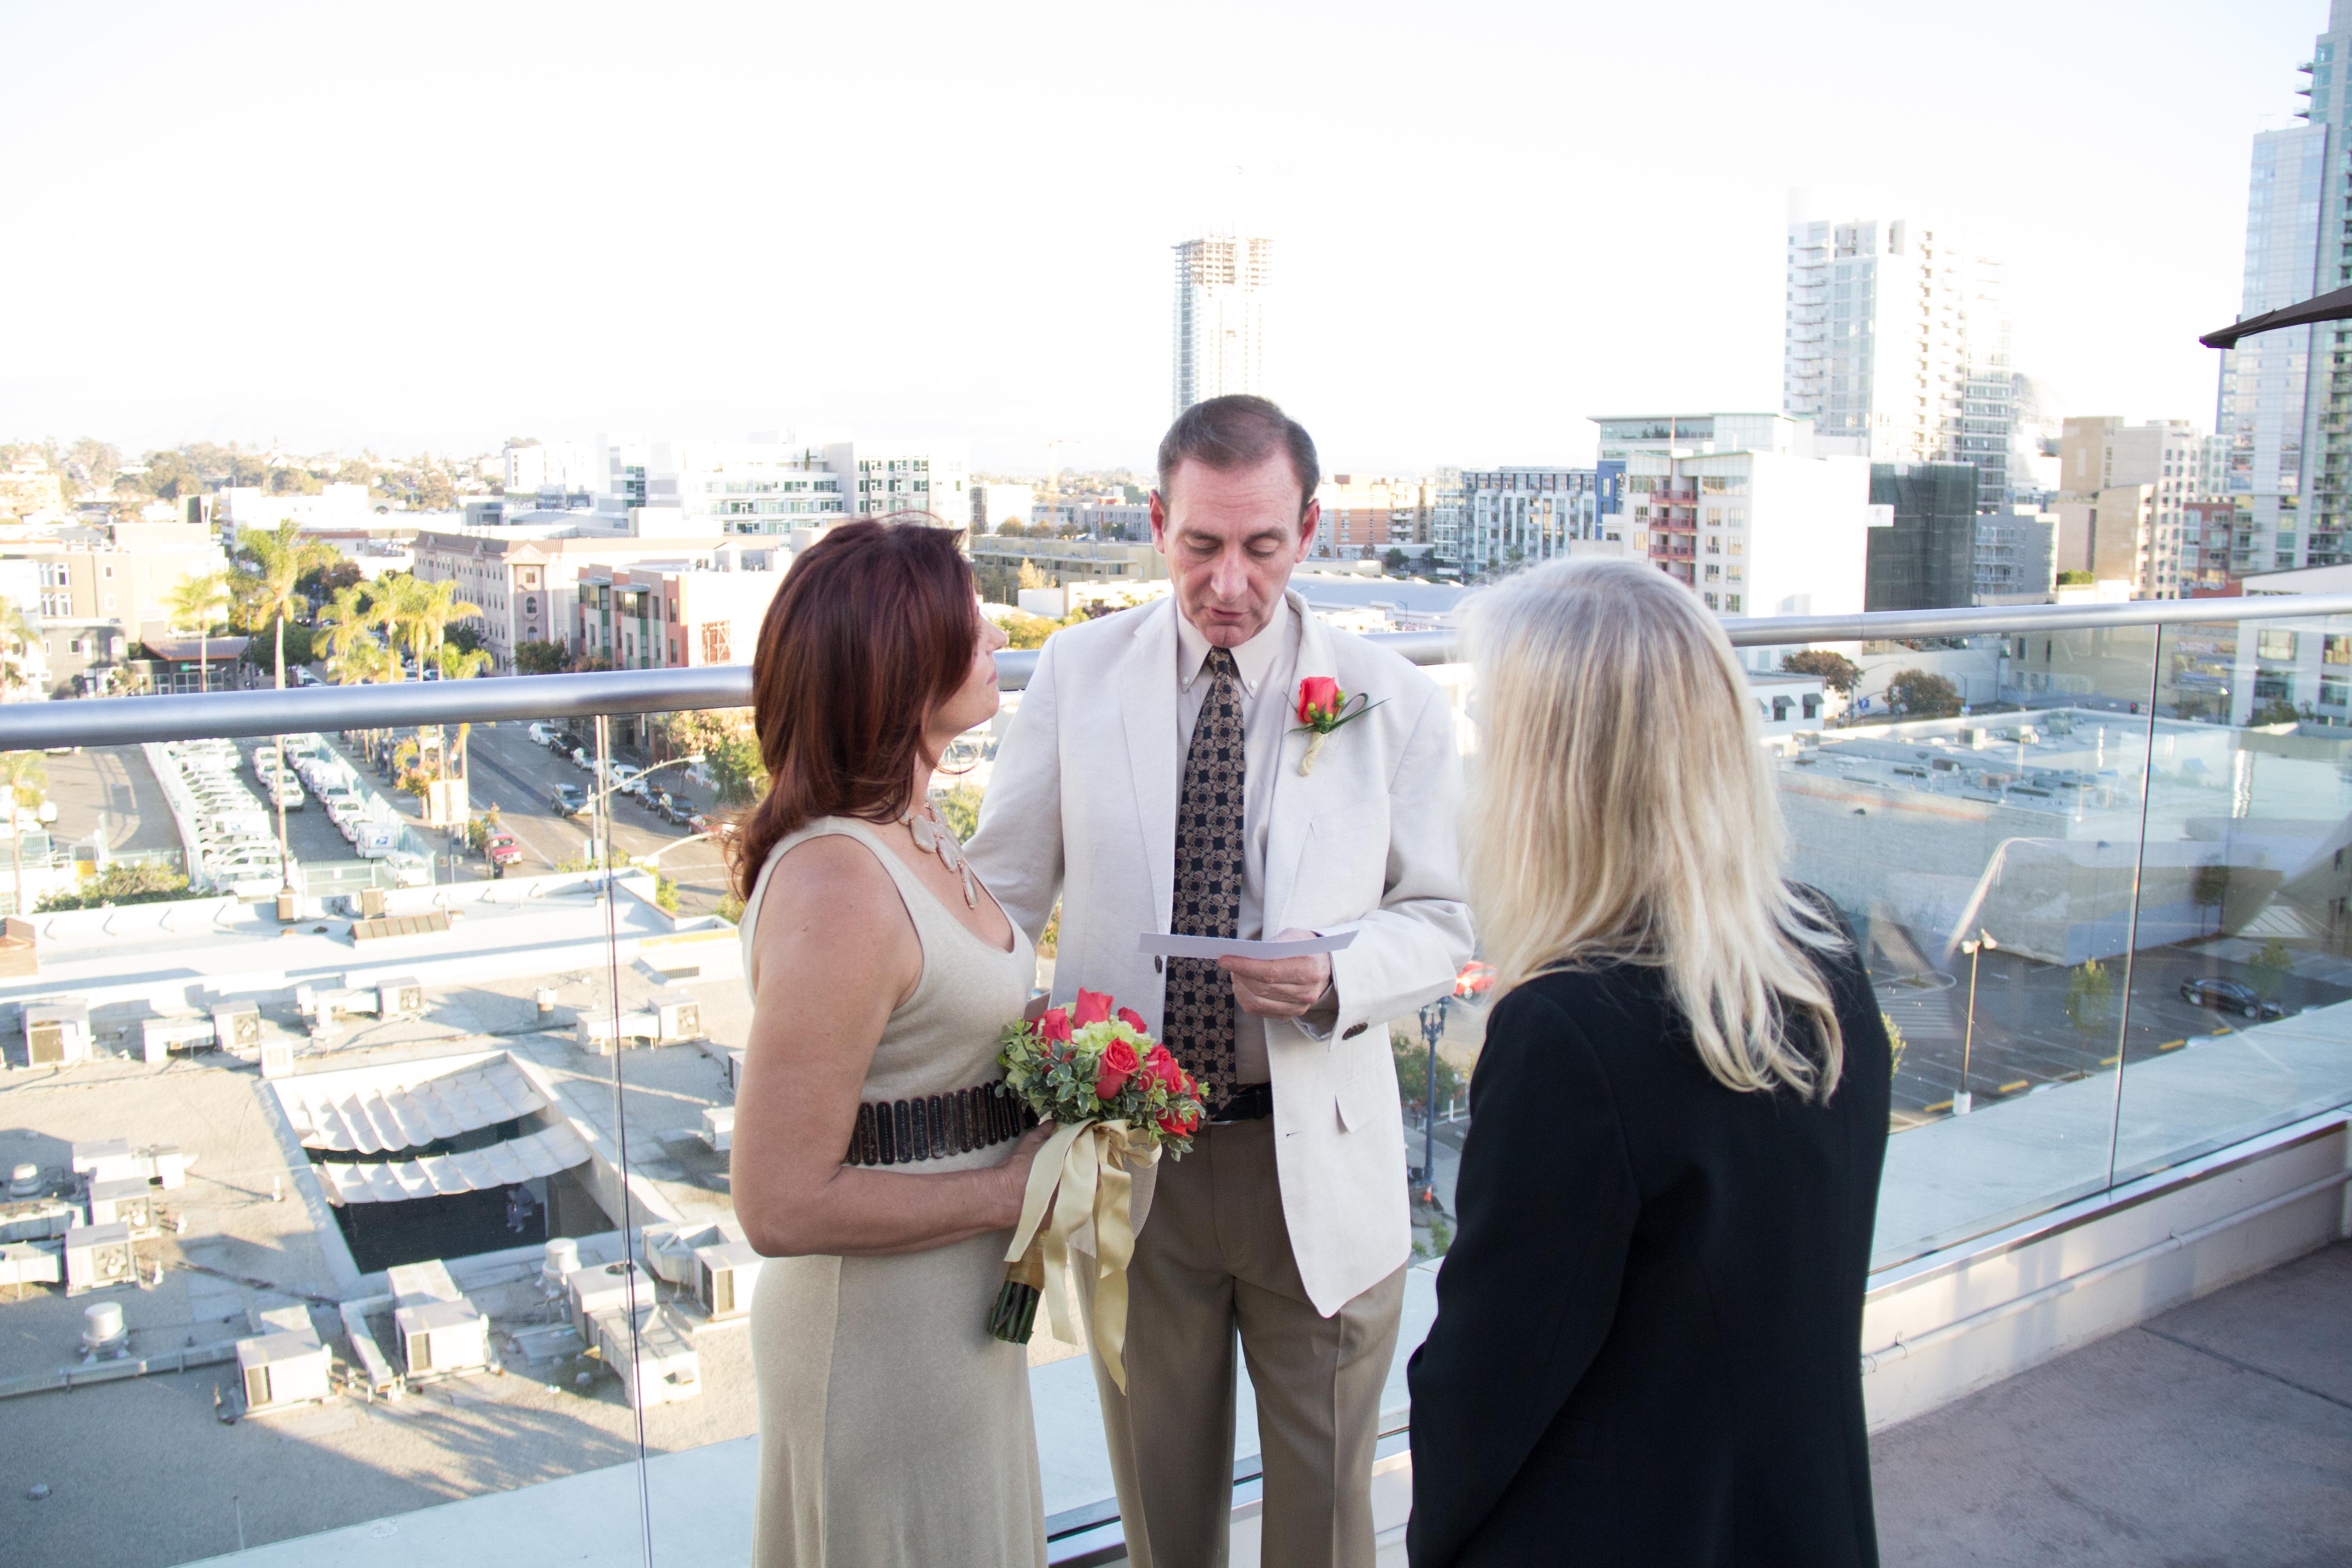 Rooftop San Diego, November 2014